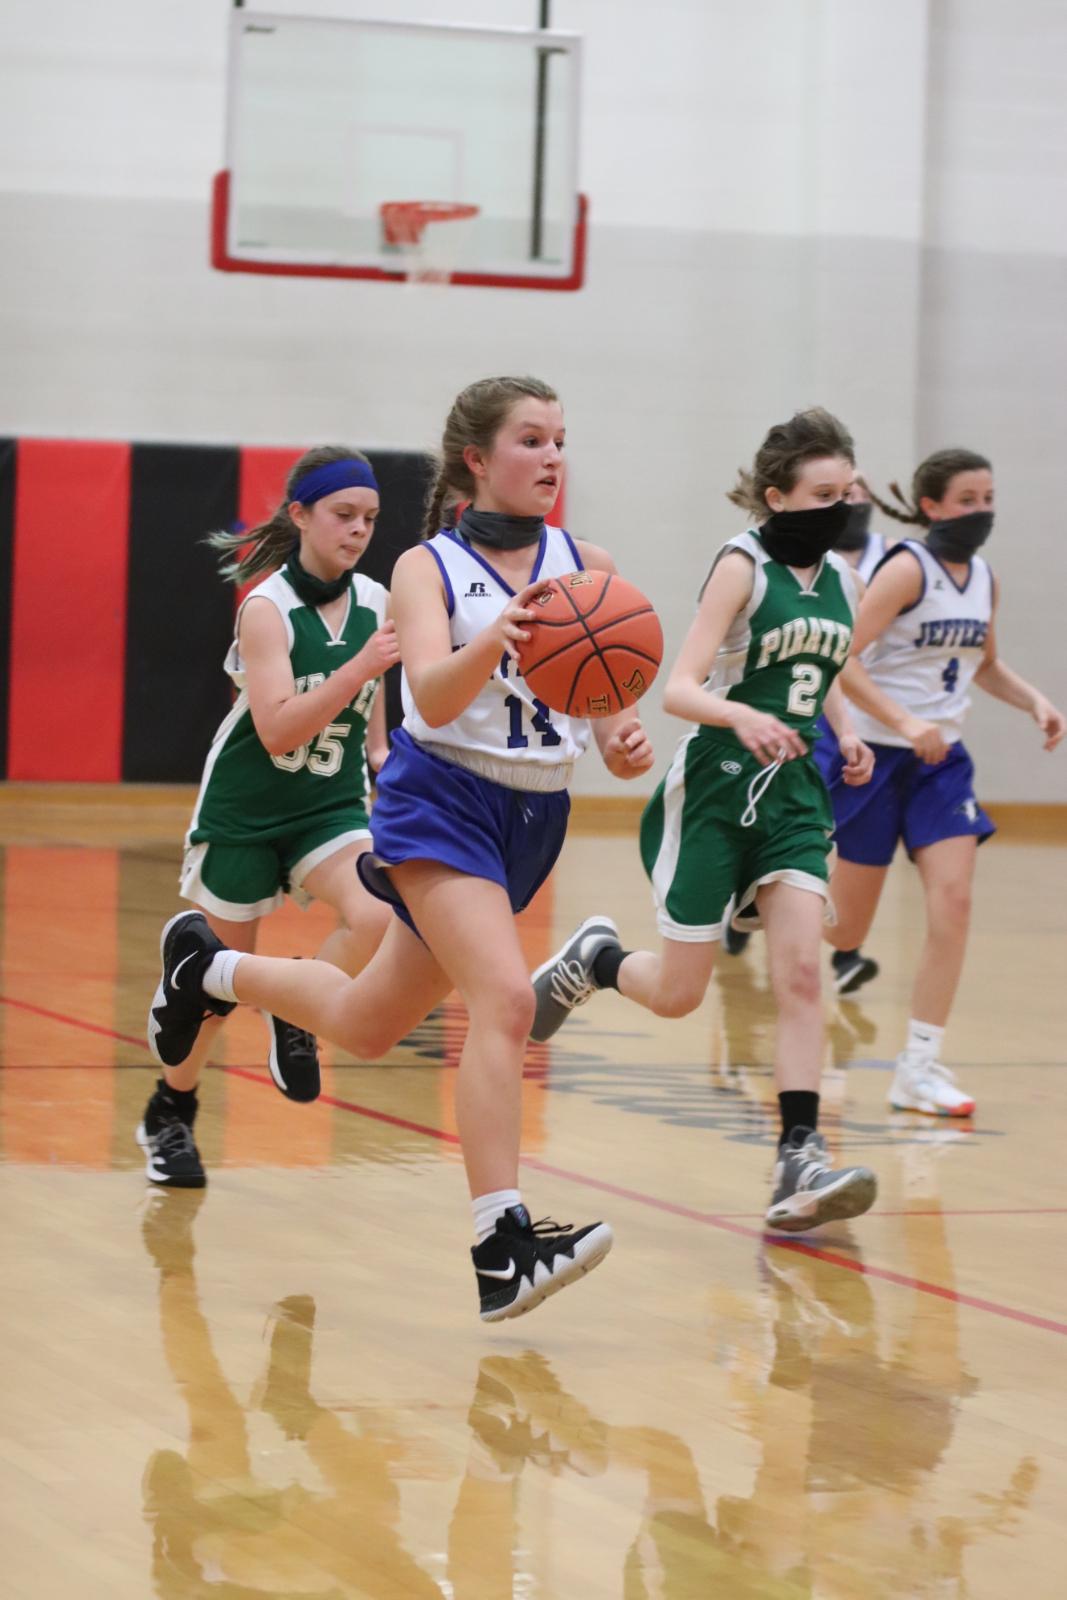 7th Grade Girls' Basketball defeats Perryville 54-3